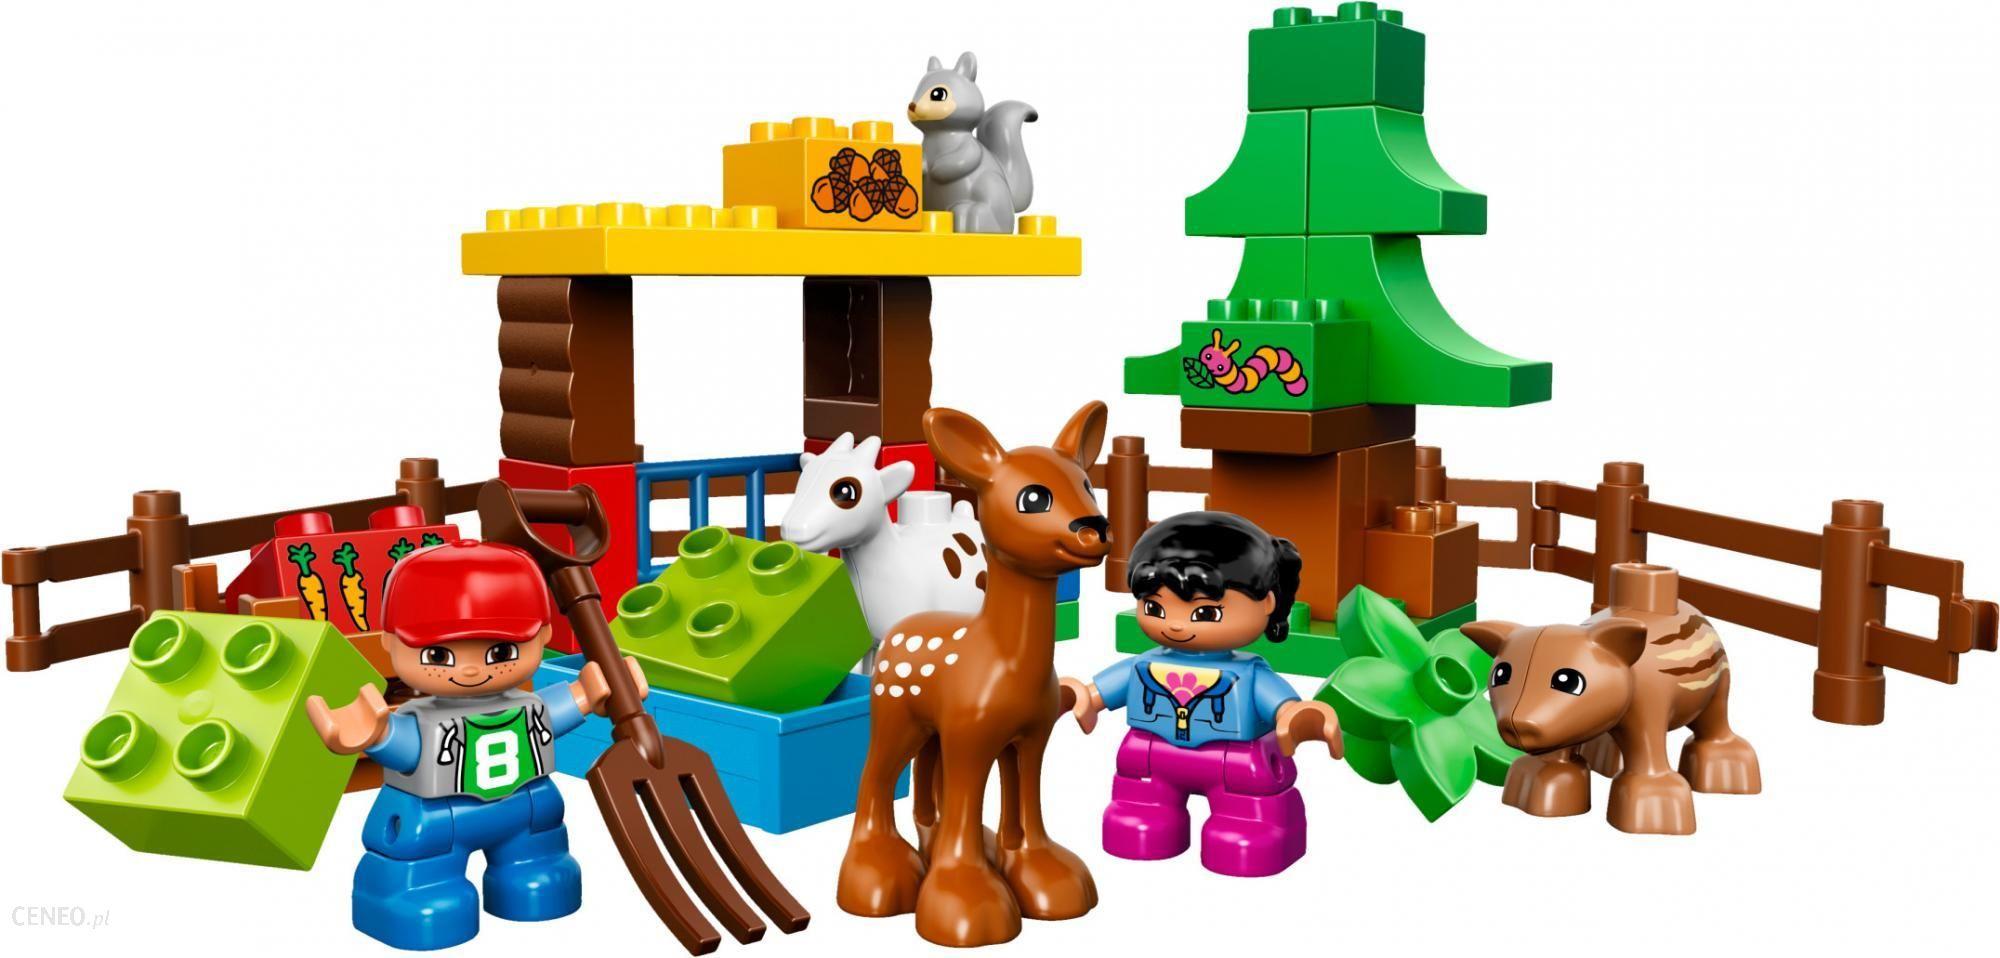 Klocki Lego Duplo Leśne Zwierzęta 10582 Ceny I Opinie Ceneopl